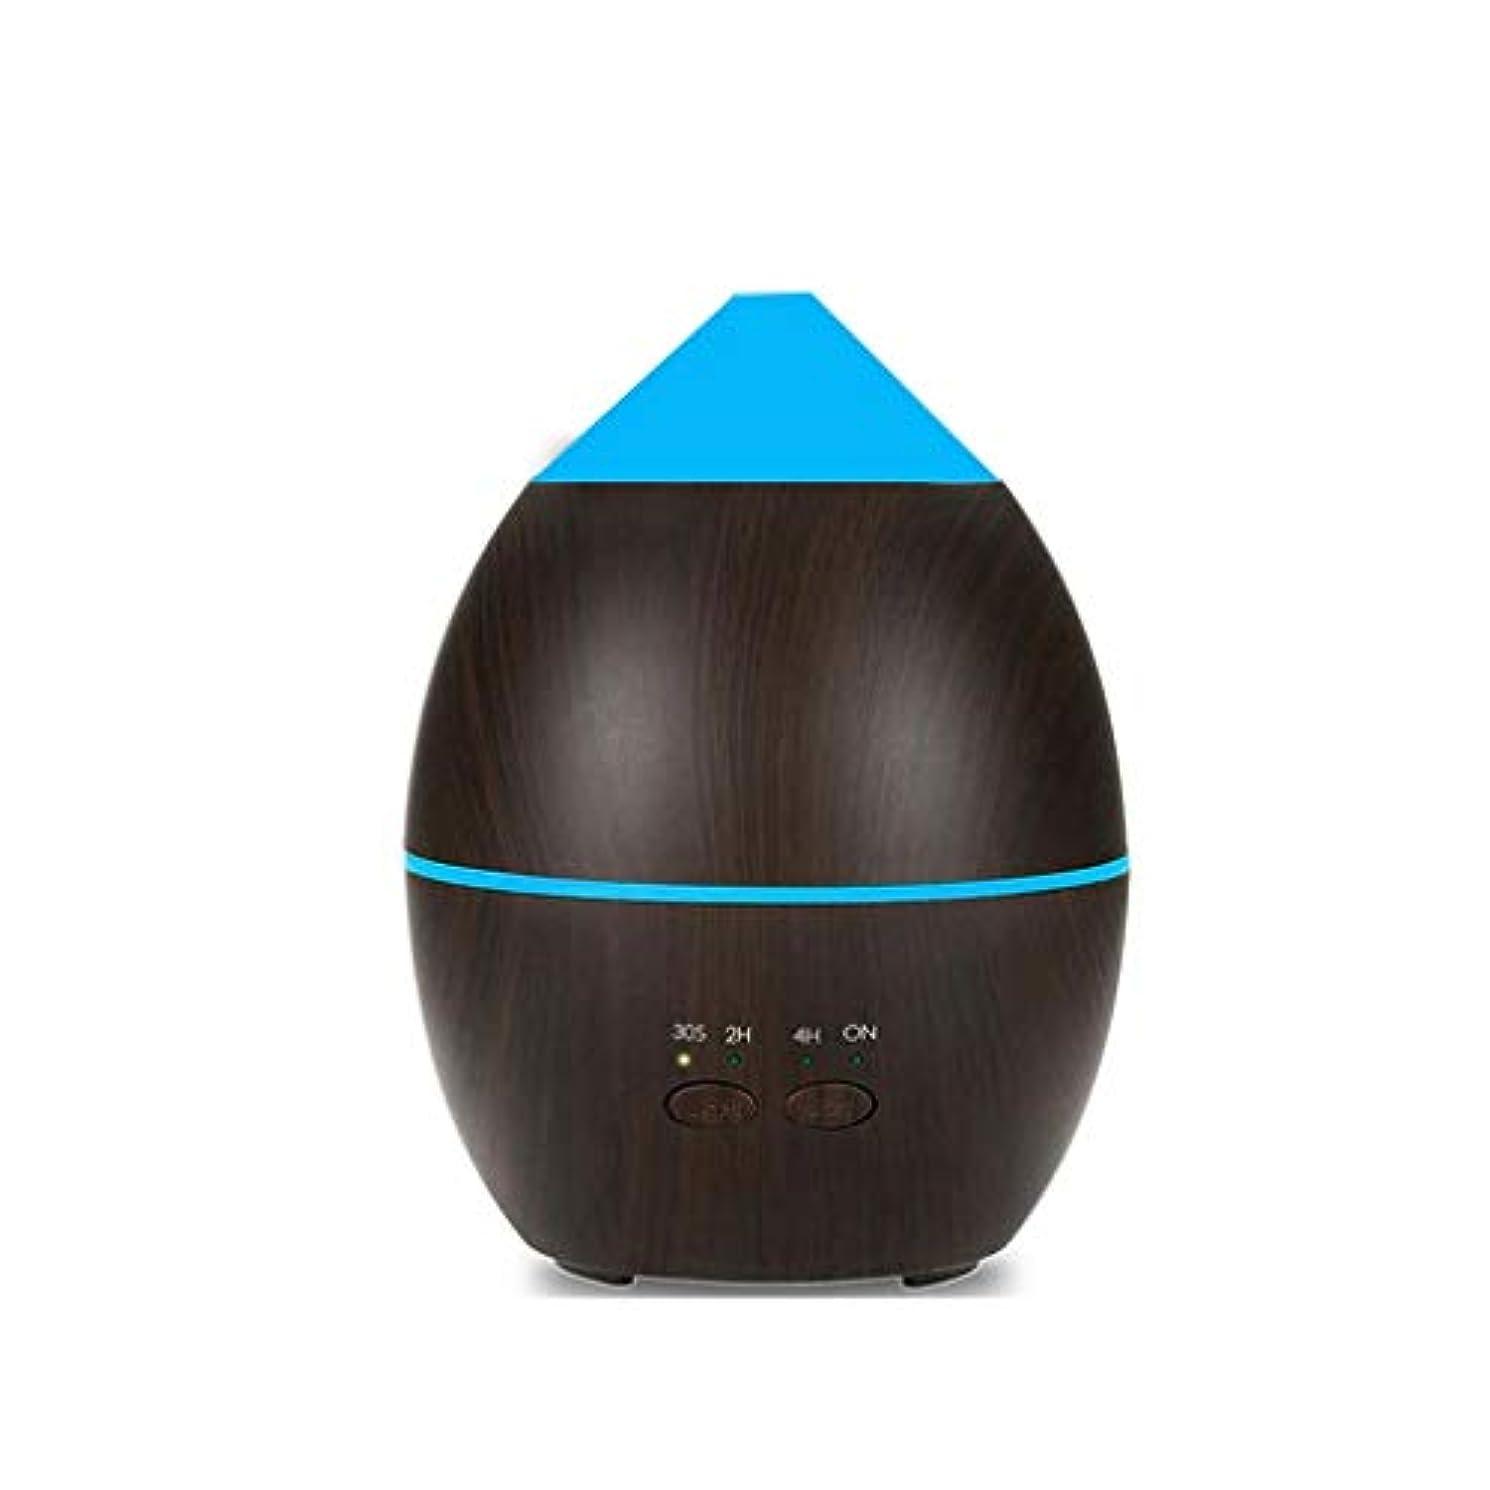 ほとんどの場合クレア純度加湿器水滴モデル300ミリリットル加湿器リモコンusb 300ミリリットル、木目 (Color : Brown)